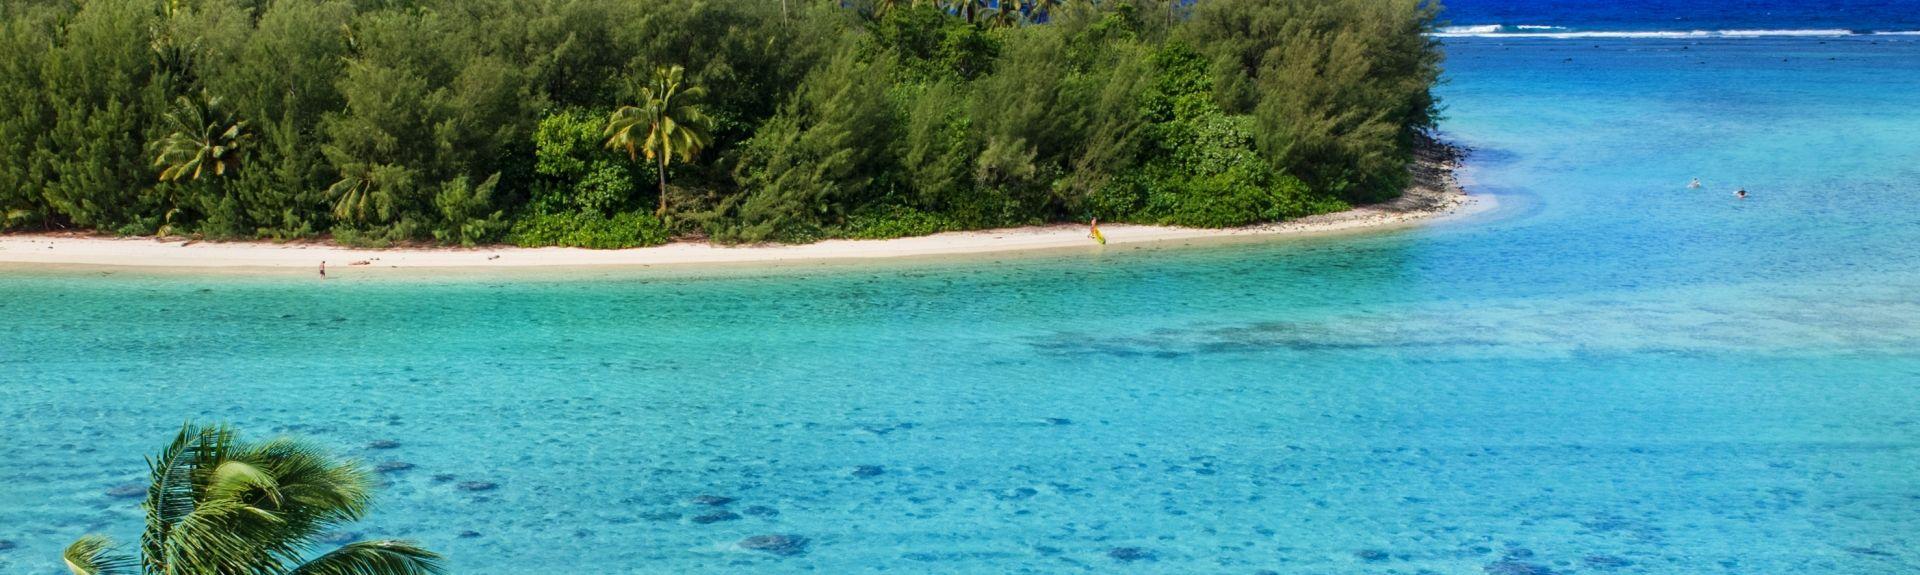 Matavera, Rarotonga, Cookeilanden